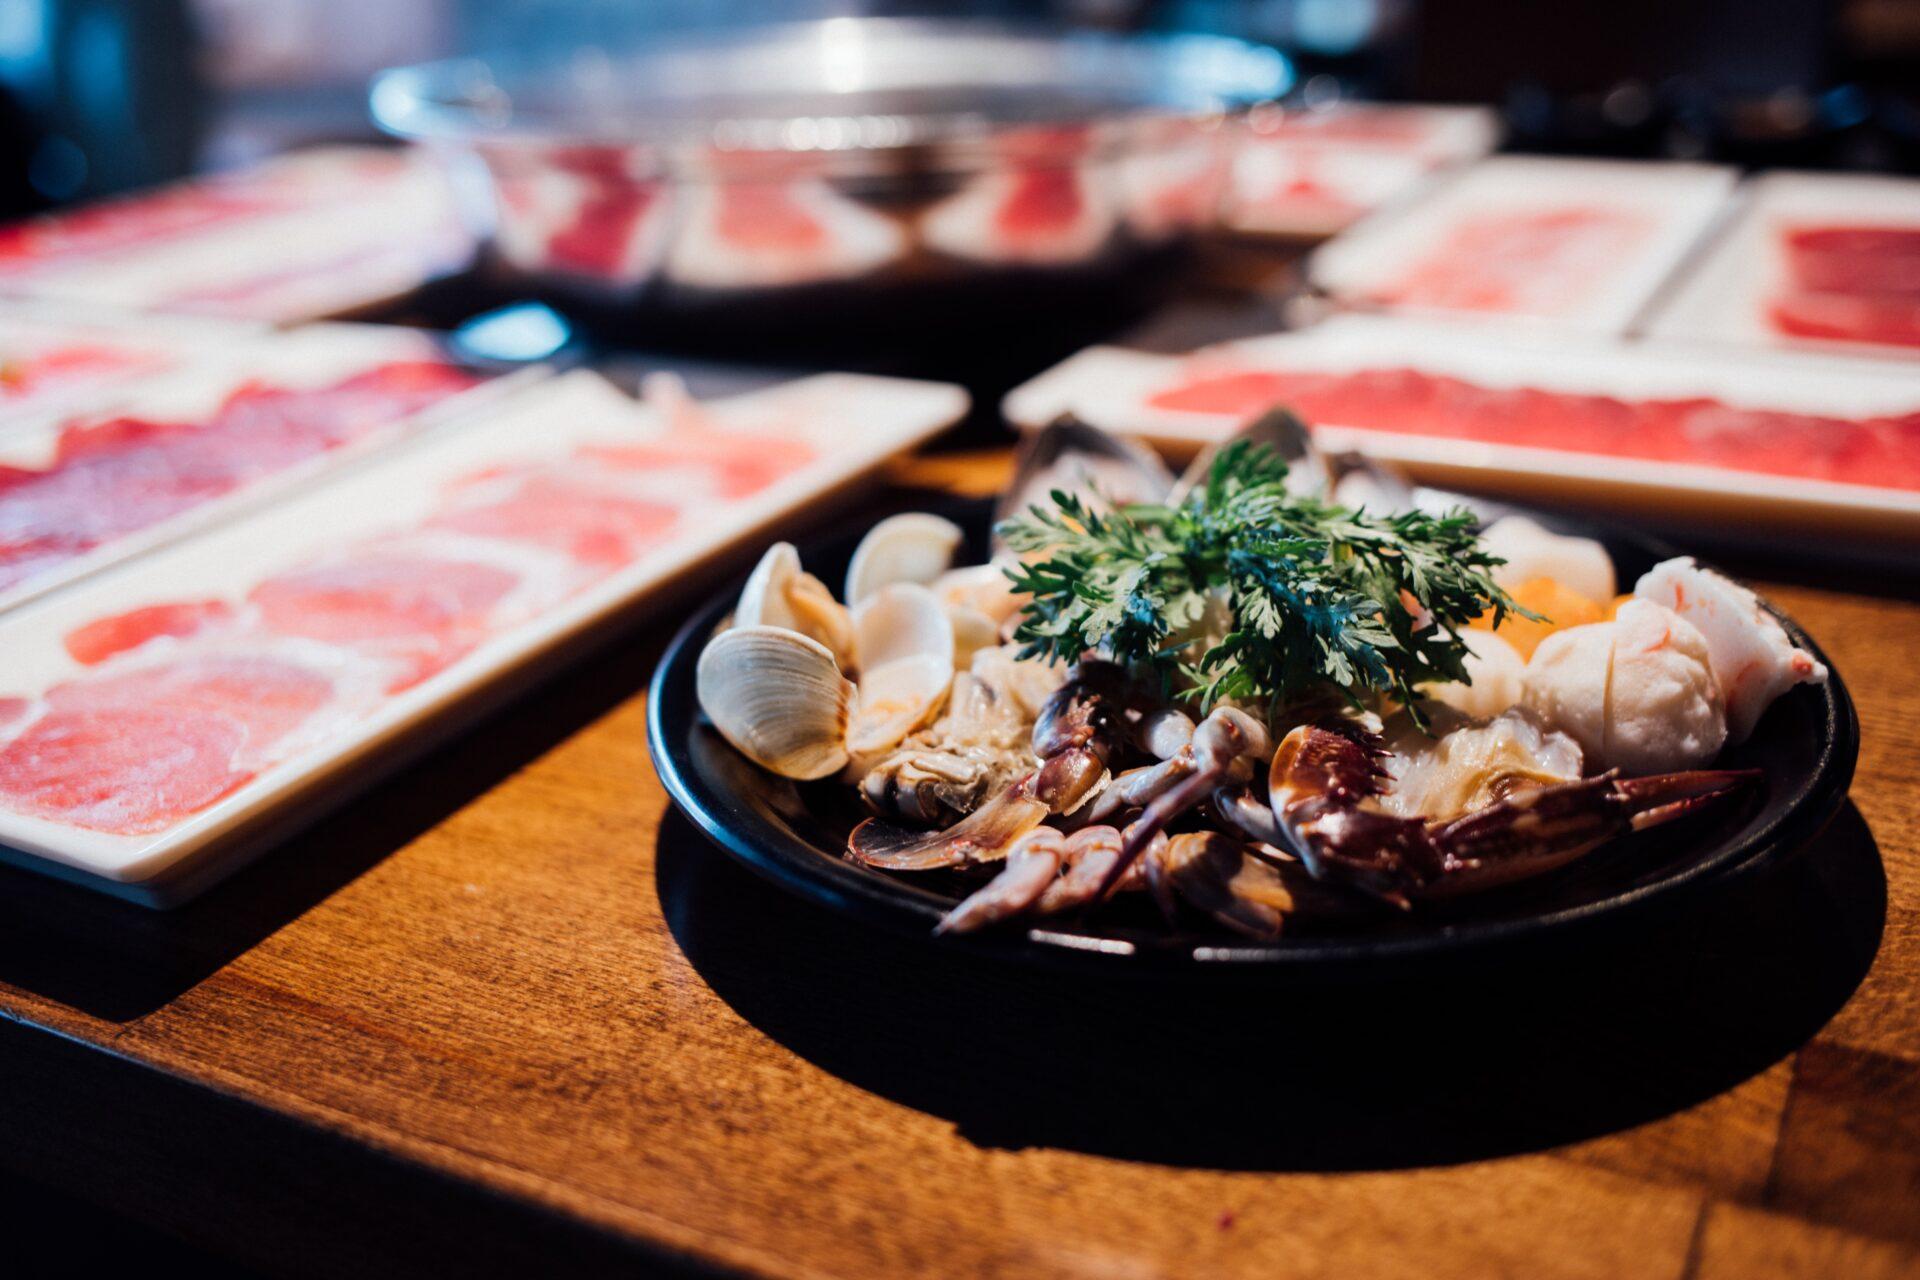 NYのオススメしゃぶしゃぶレストラン【食べ放題でコスパも最強】